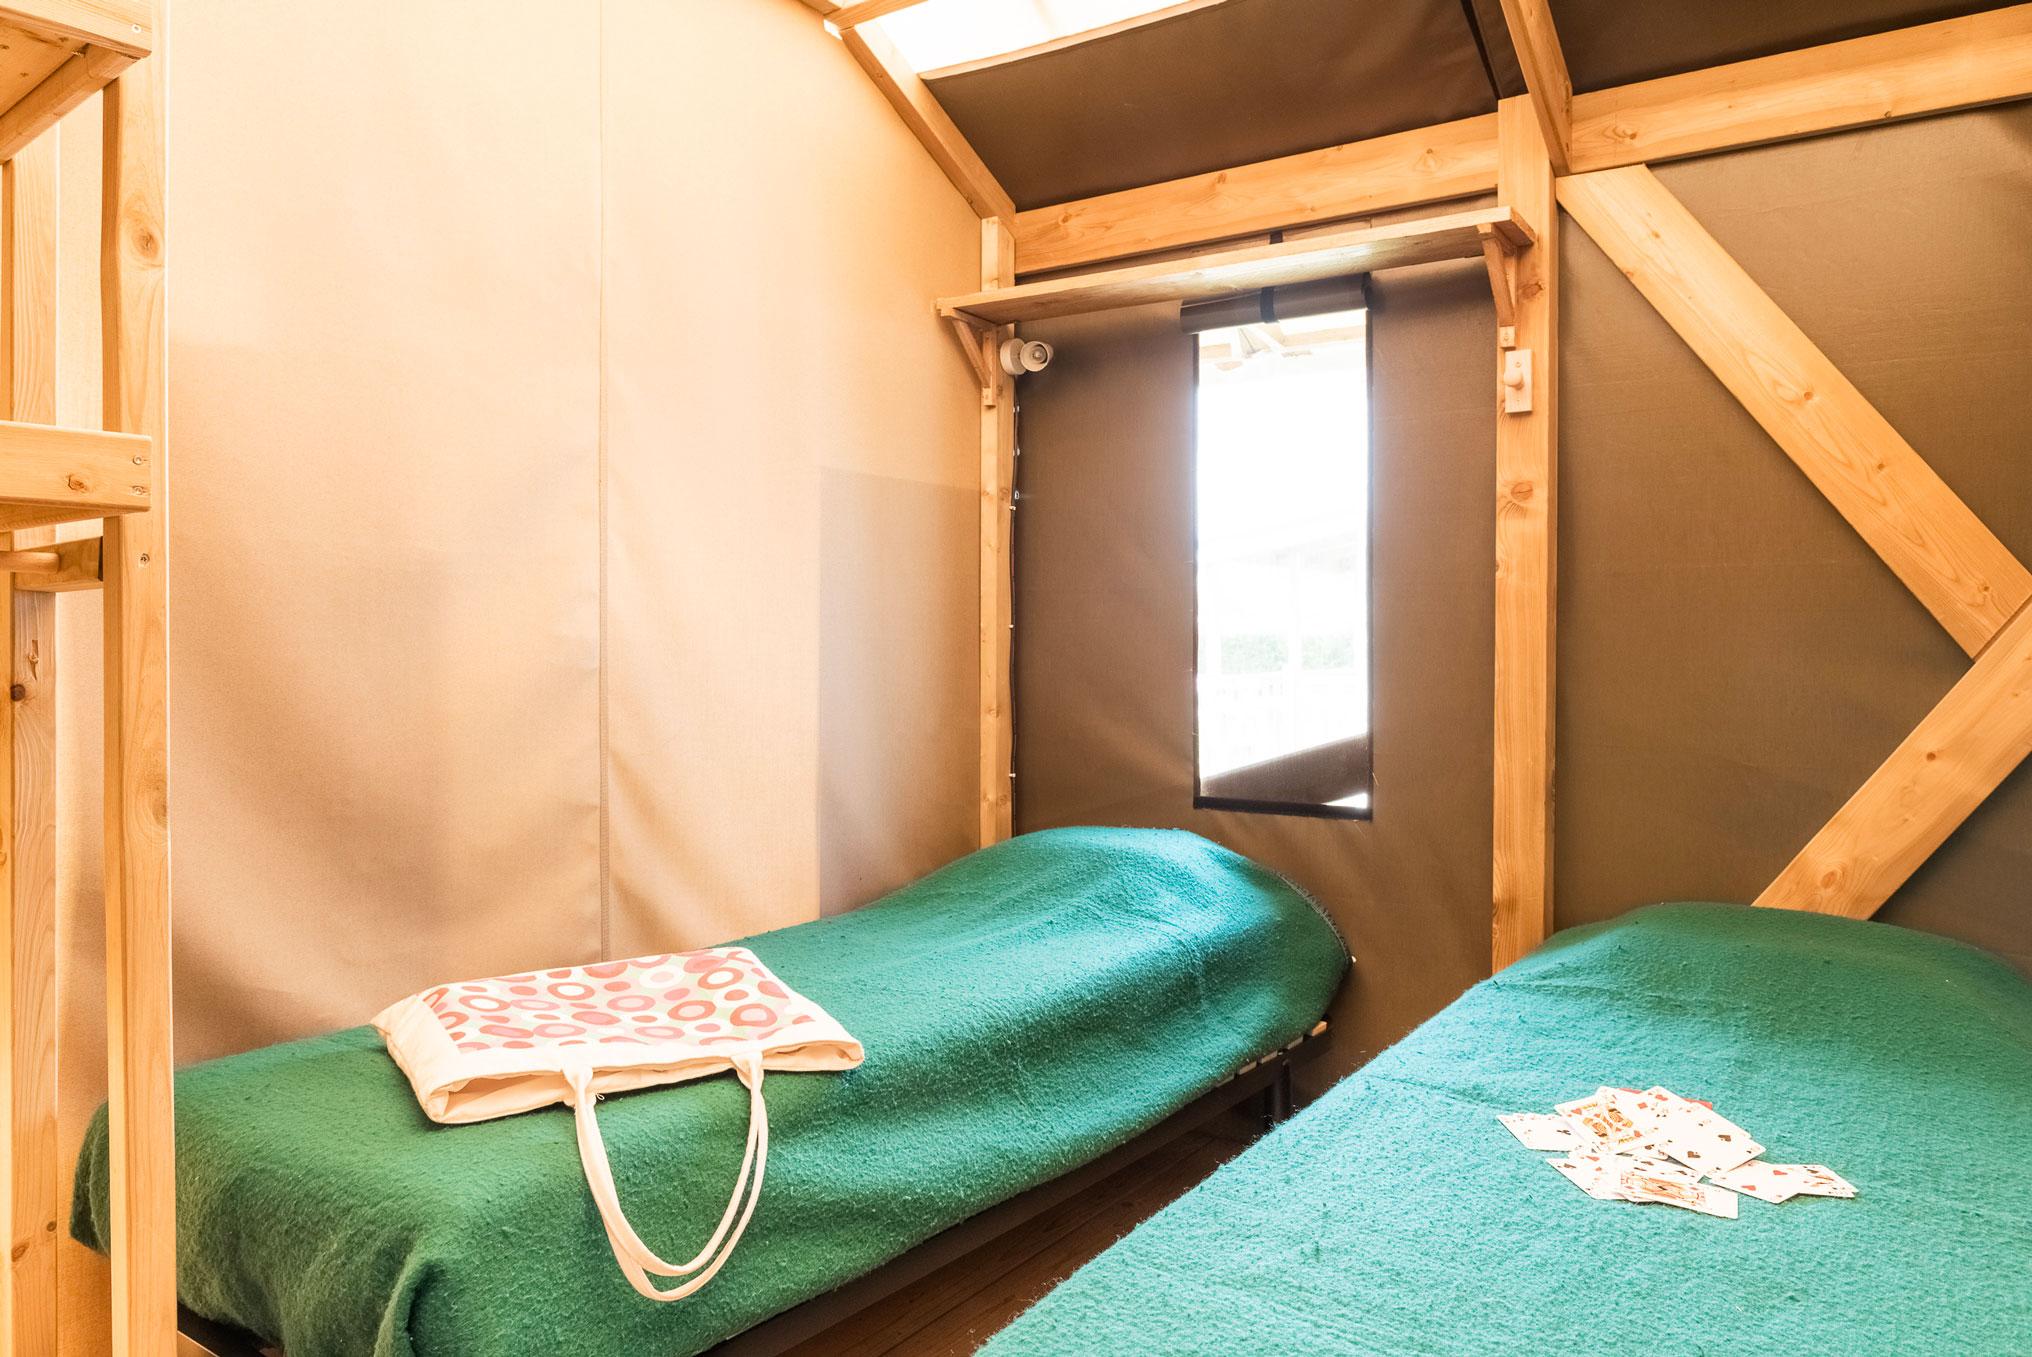 galerie-photos-location-tente-lodge-4-personnes-2-chambres-4-places-camping-le-port-de-moricq